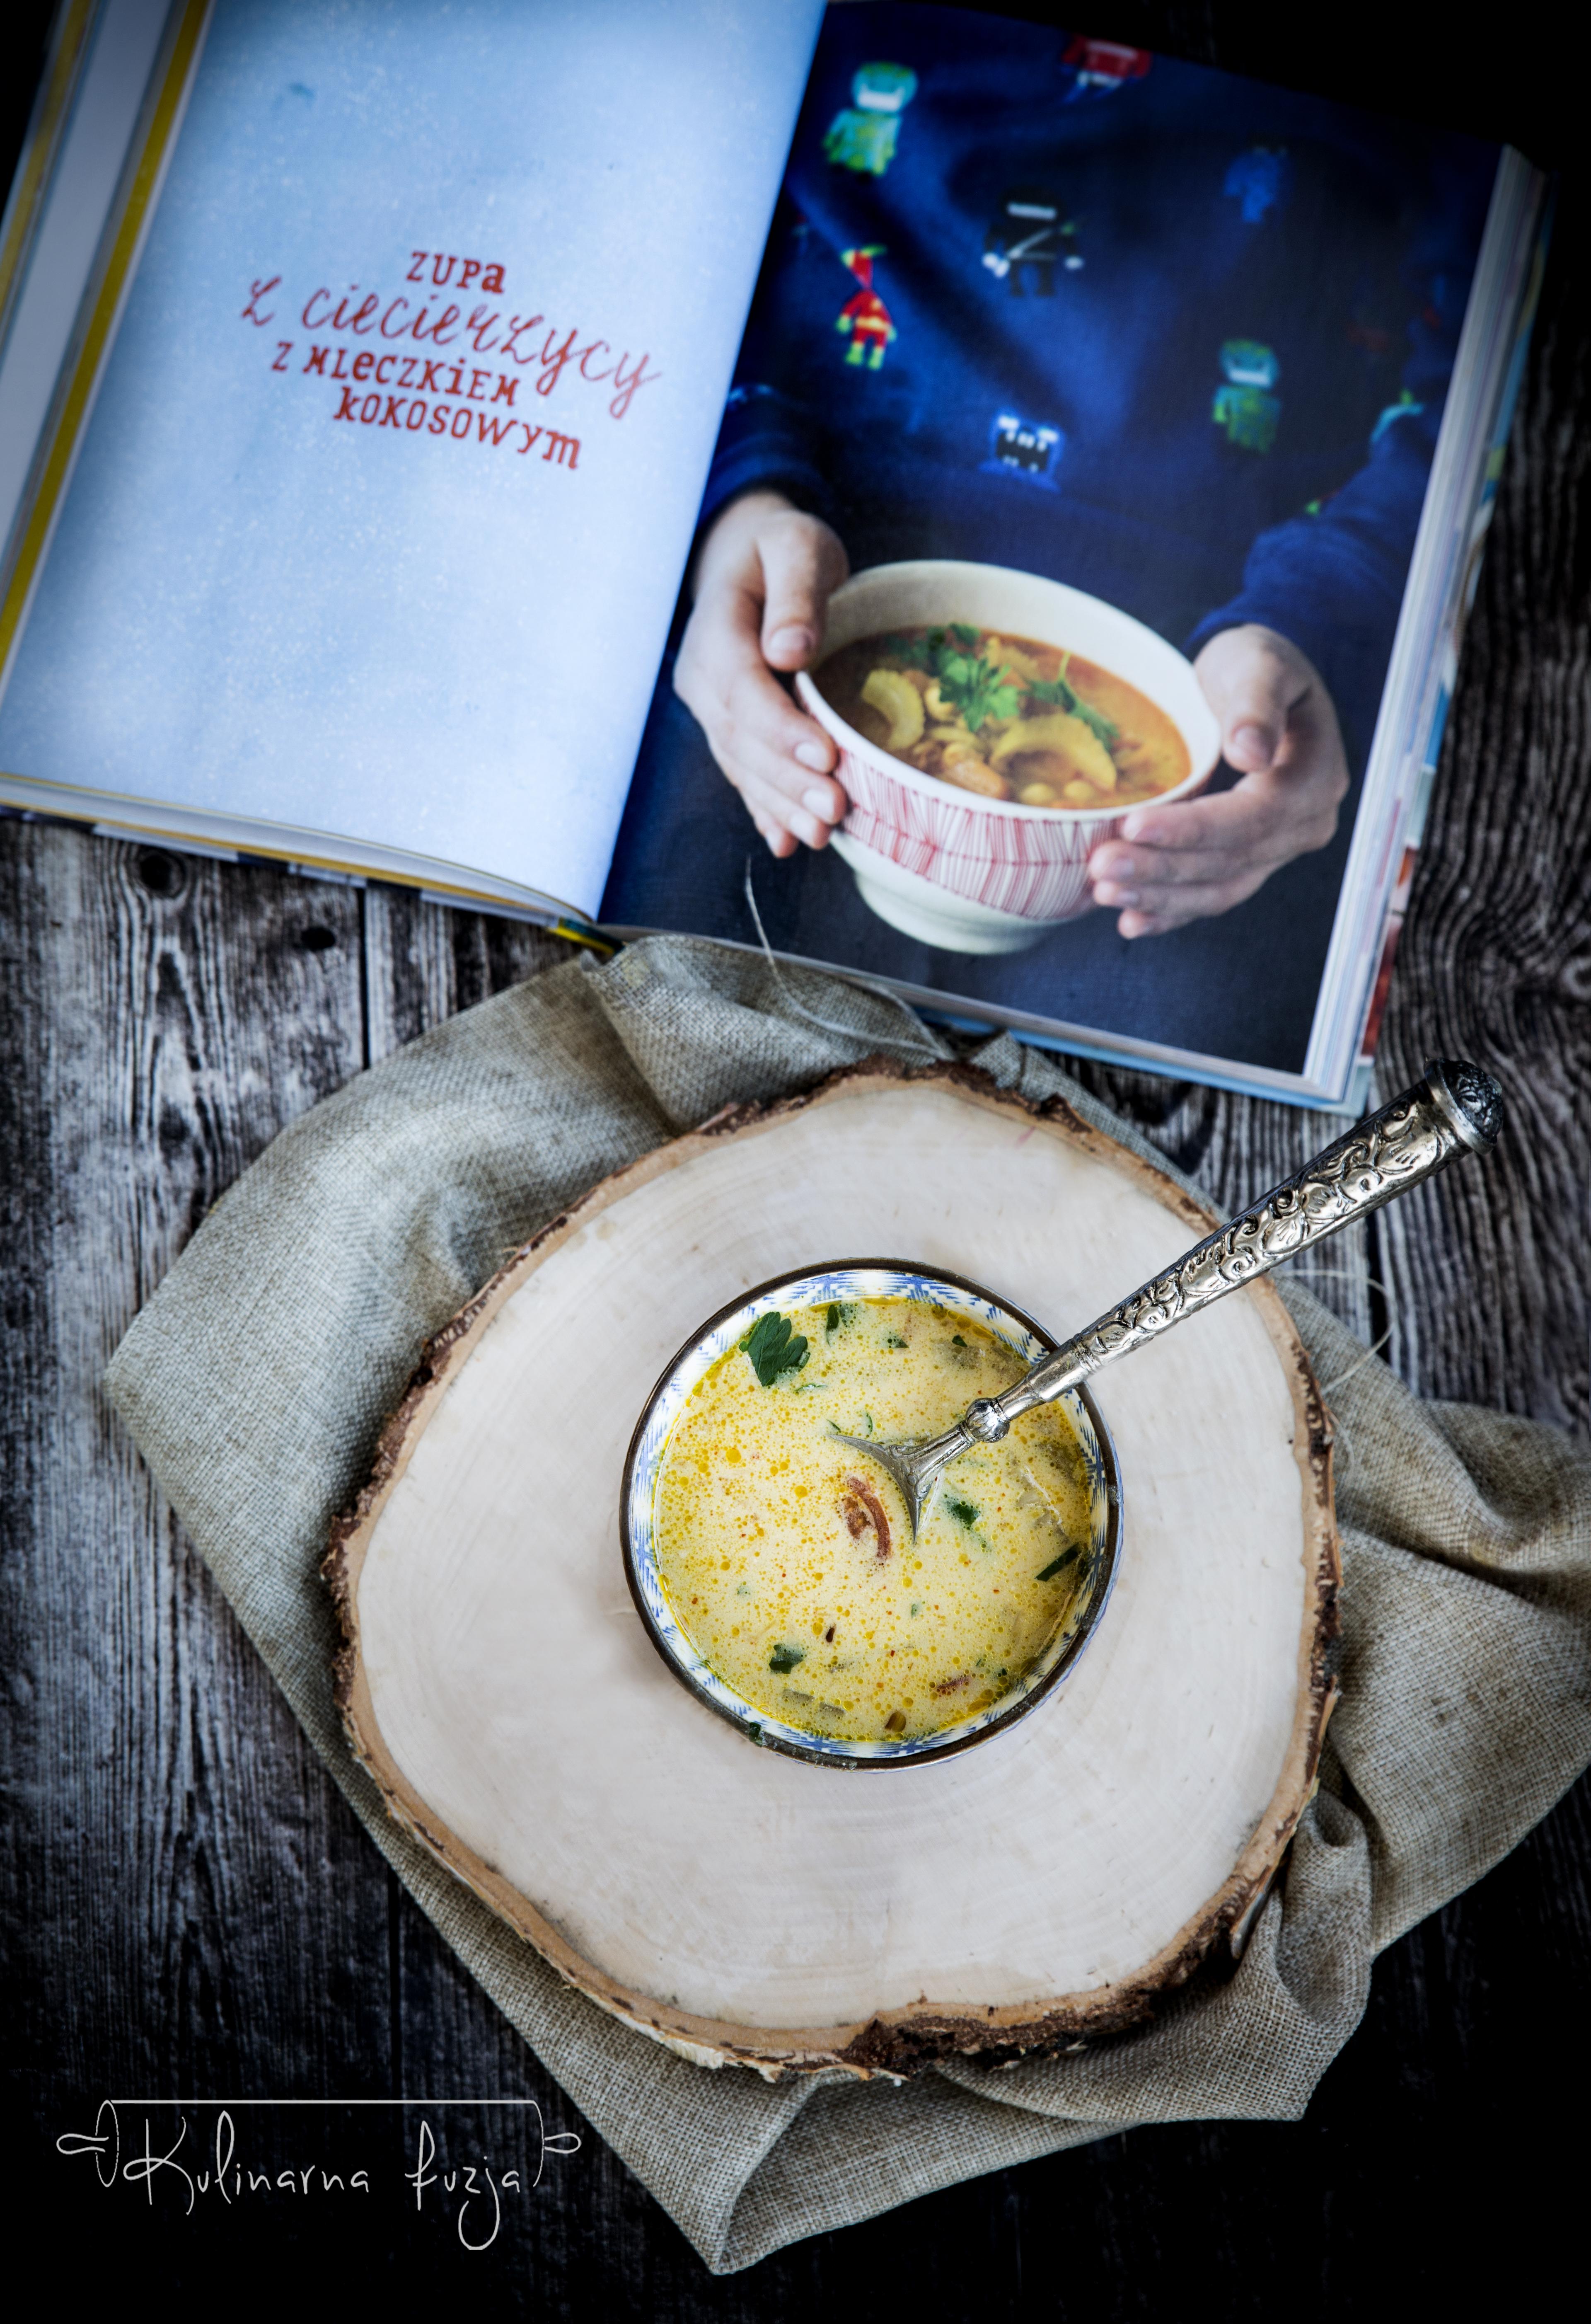 Zupa Curry Z Ciecierzyca I Ksiazka Rodzinne Gotowanie Kulinarna